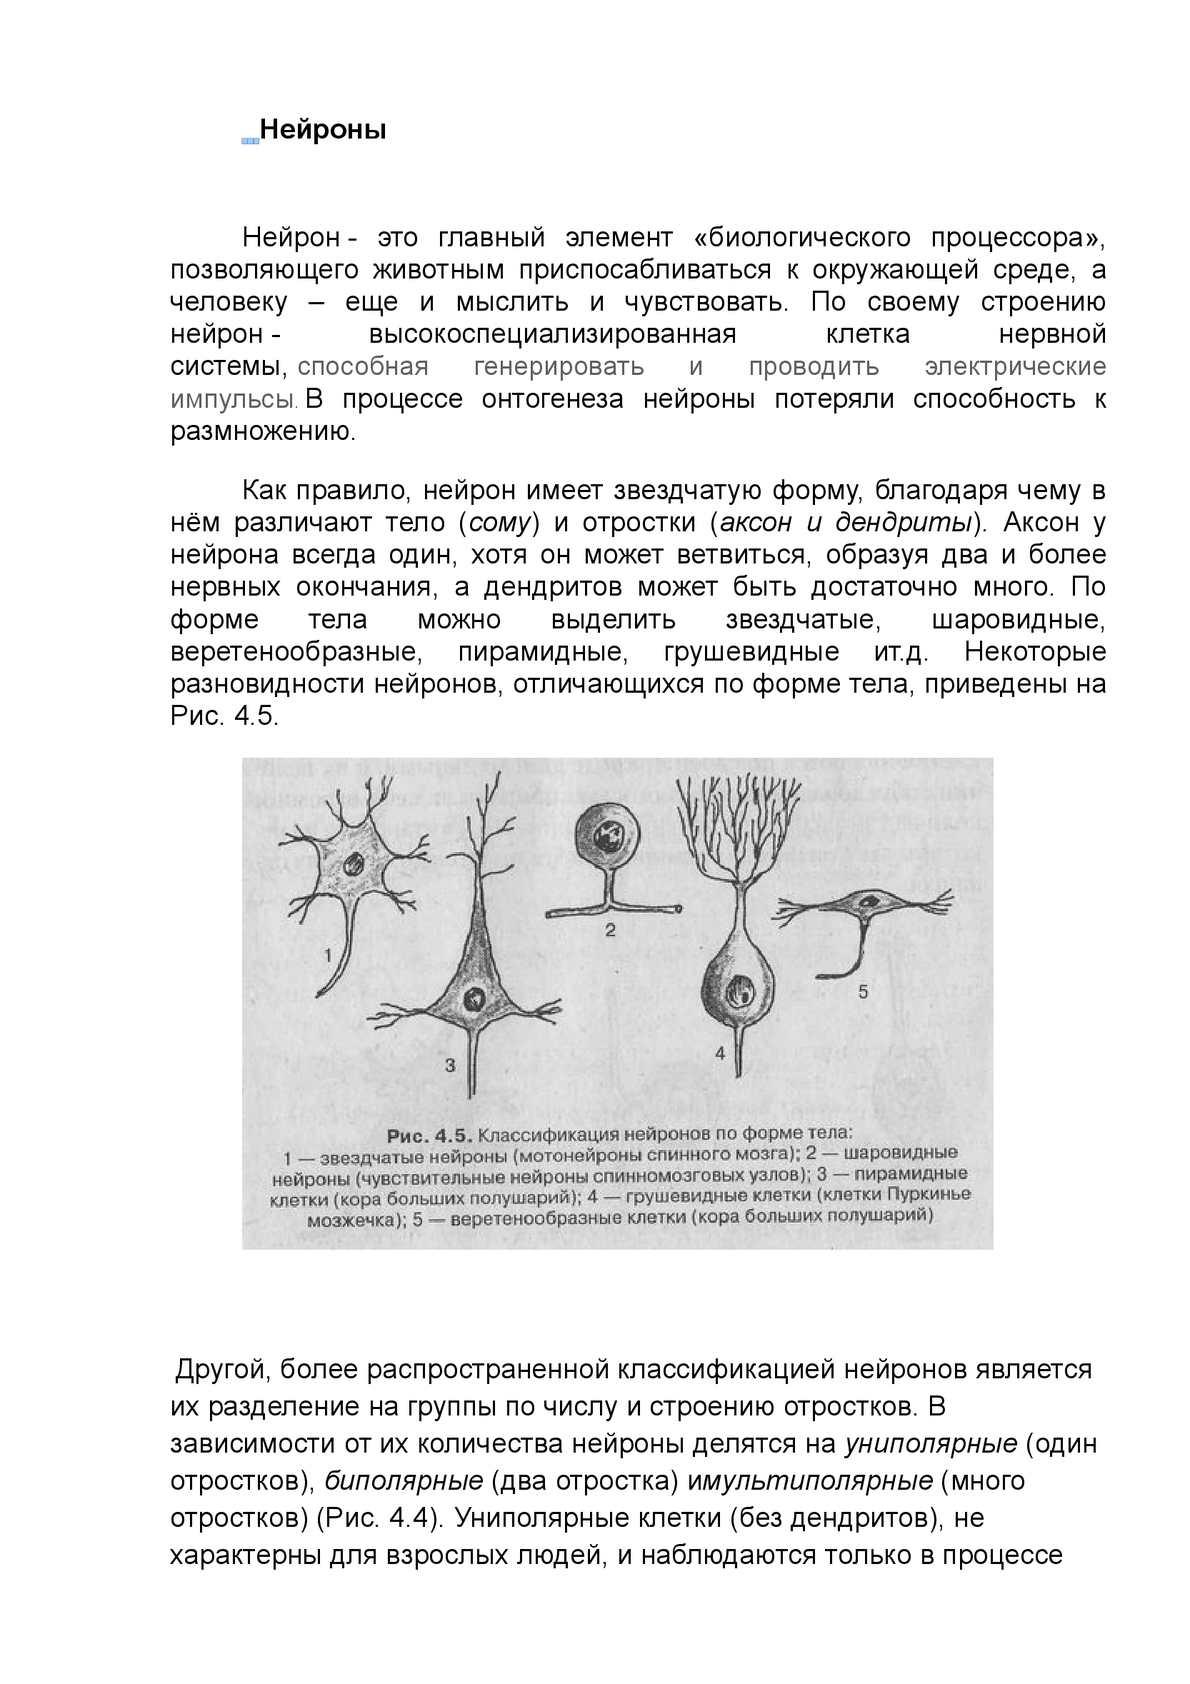 Что такое нейроны Двигательные нейроны: описание, строение и функции 96